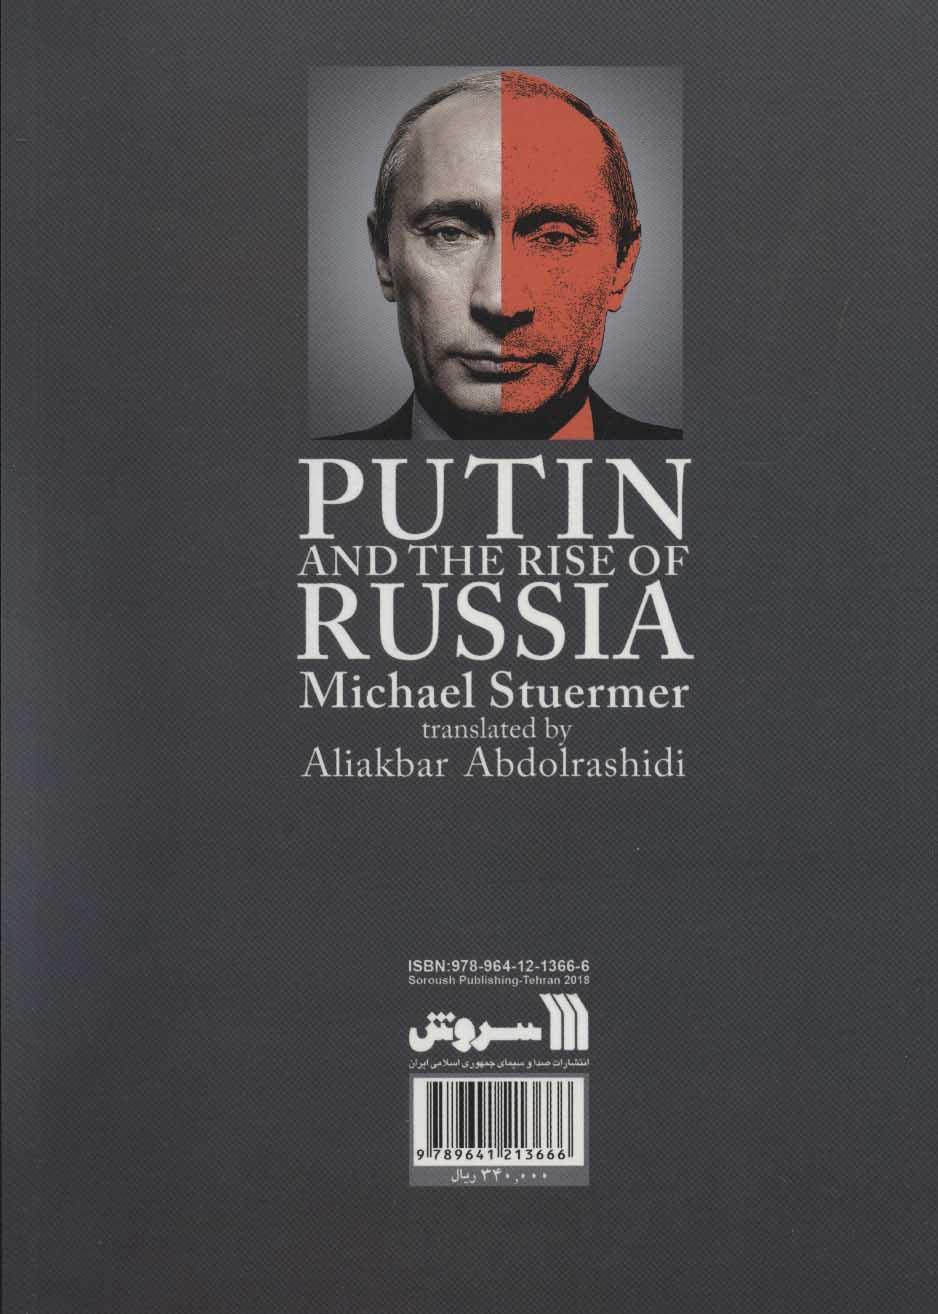 روسیه در عصر رویارویی محدود (پوتین و ظهور روسیه)